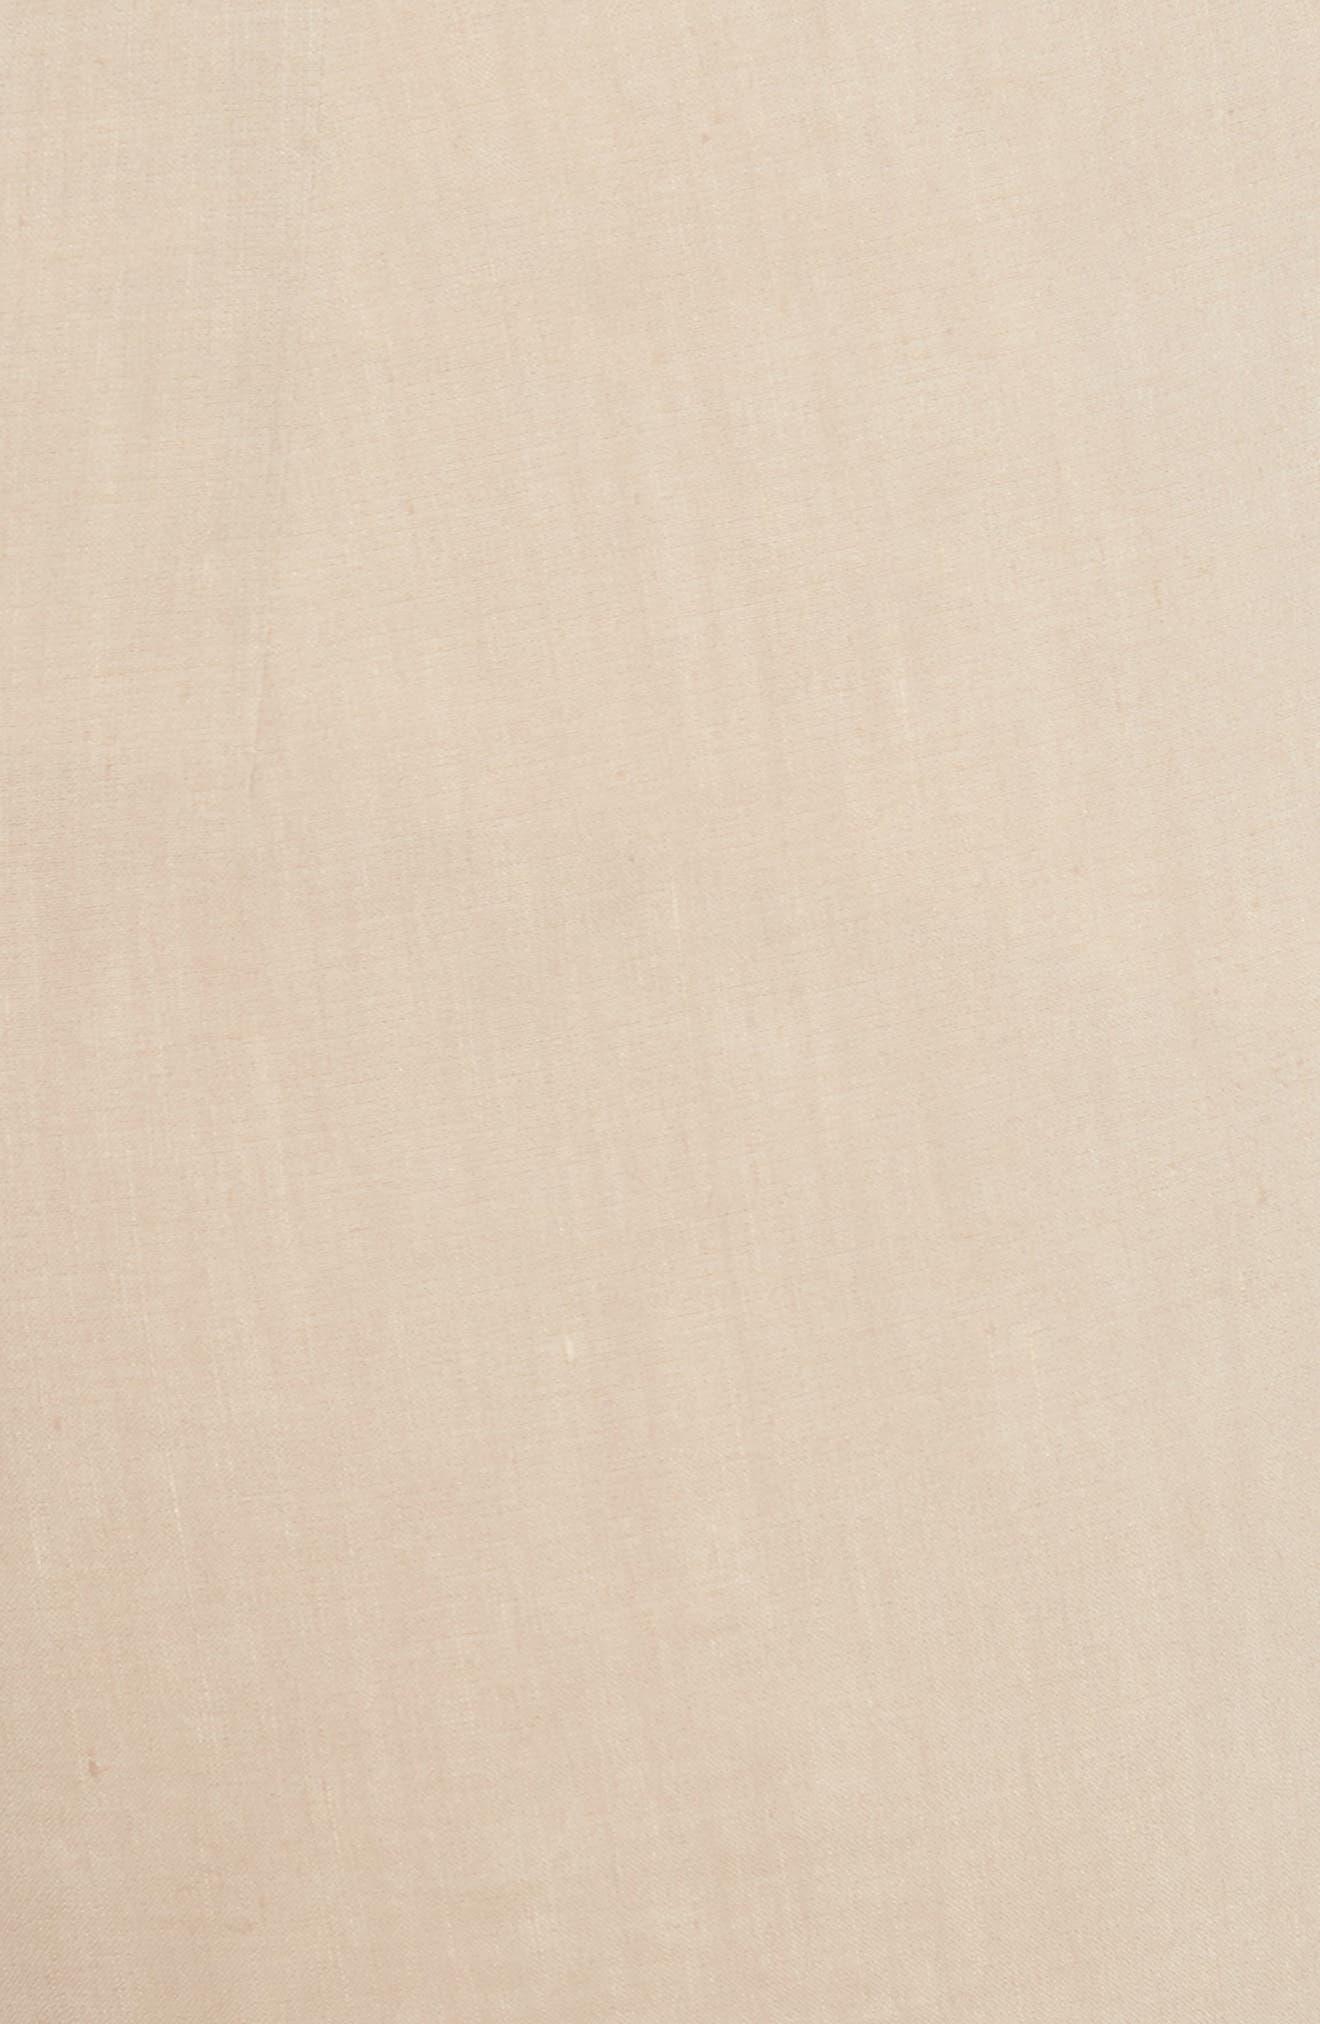 Pull-On Linen Blend Pants,                             Alternate thumbnail 6, color,                             Light Wheat